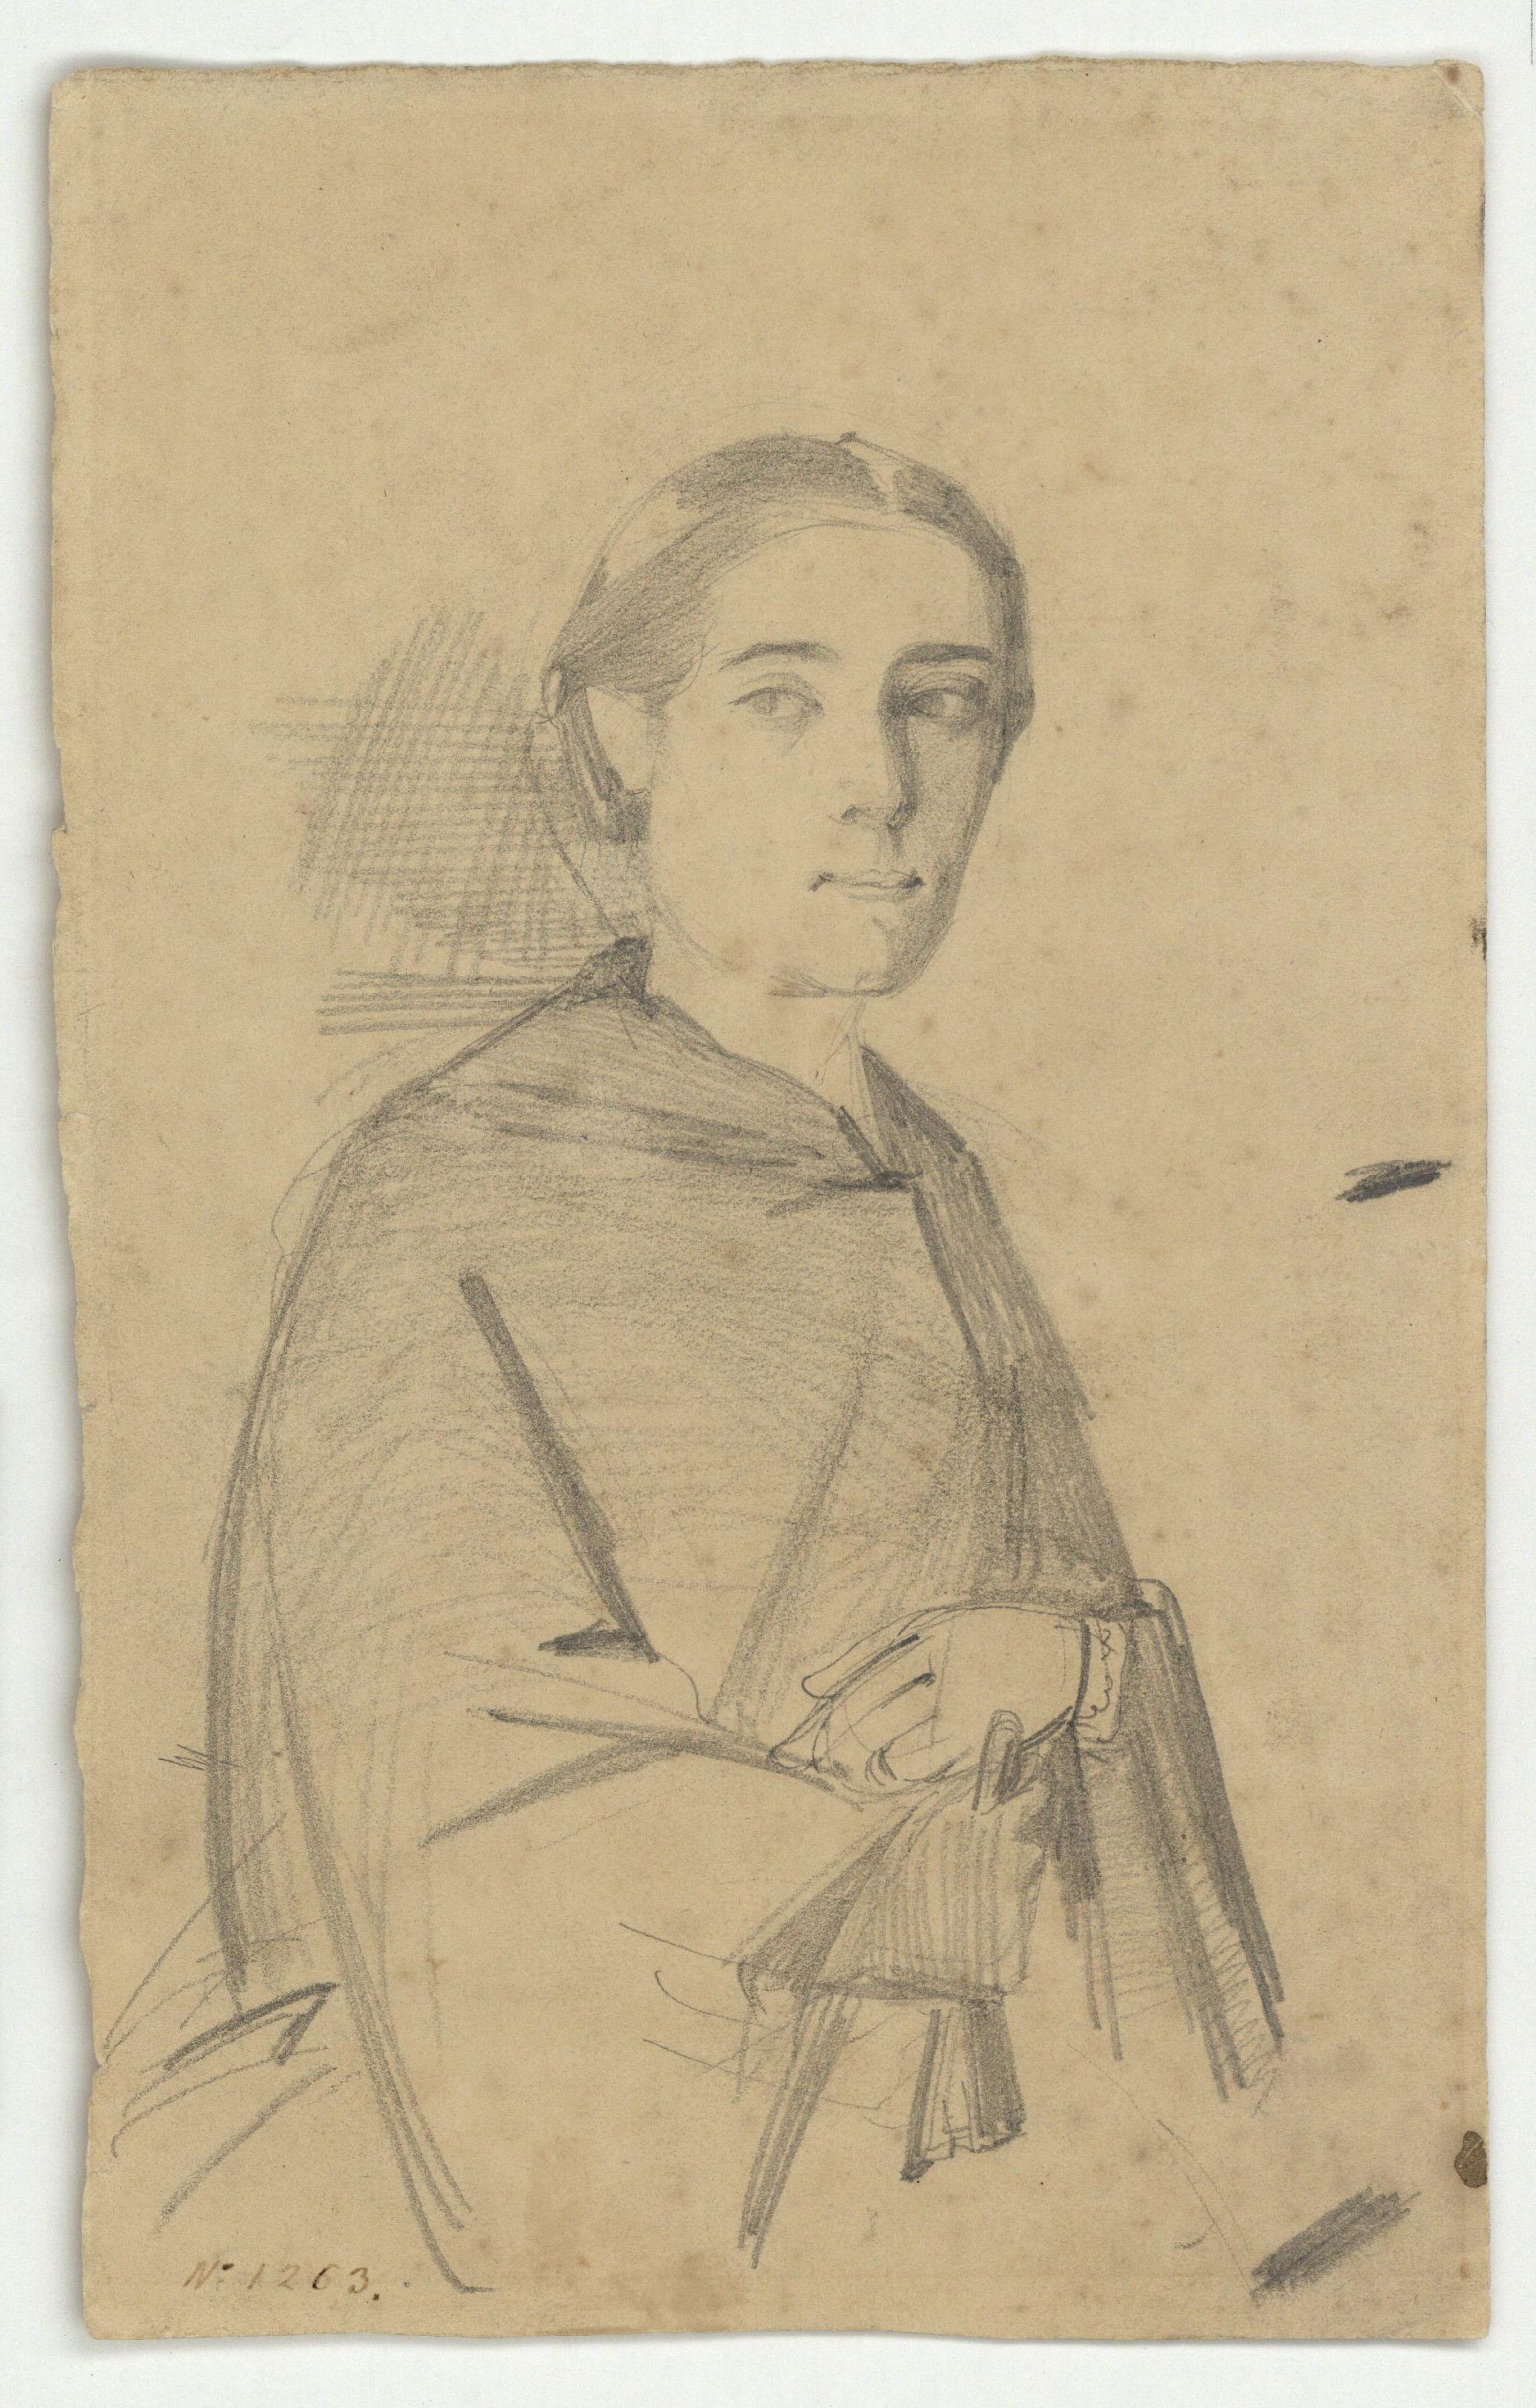 Marià Fortuny - Retrat femení - Cap a 1856-1858